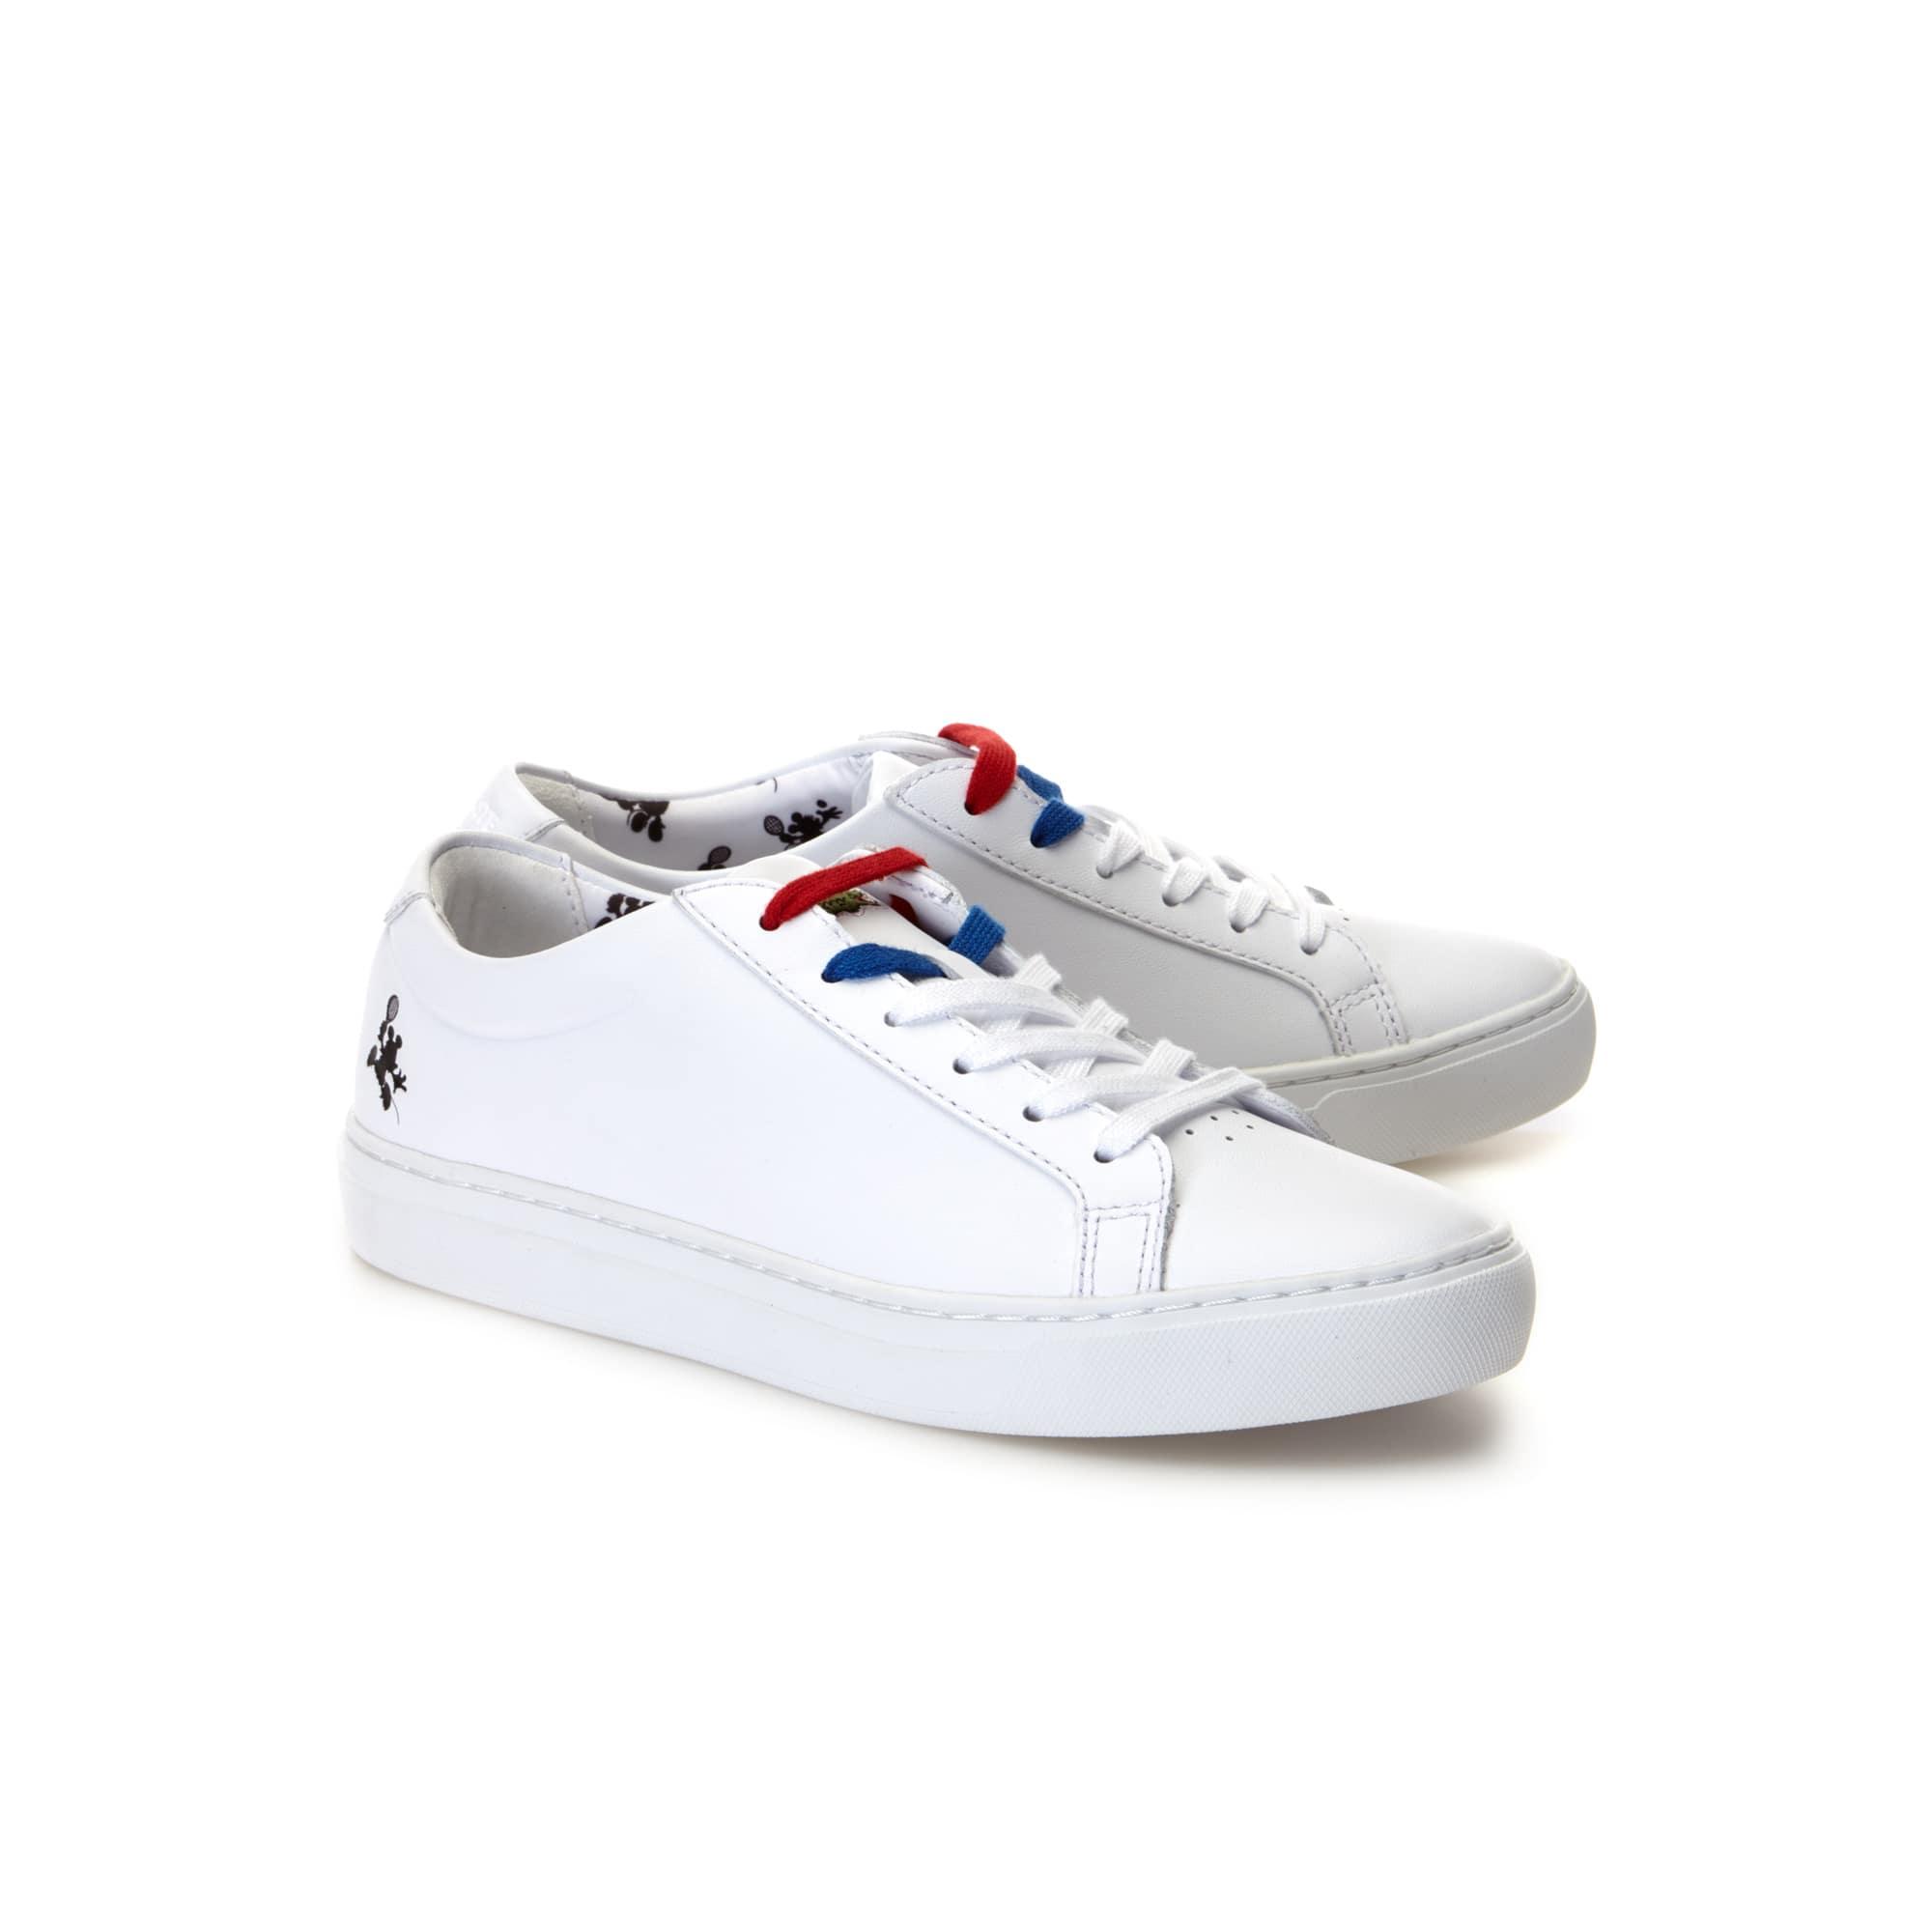 92e00b5ae Women s L.12.12 Lacoste Disney Sneakers